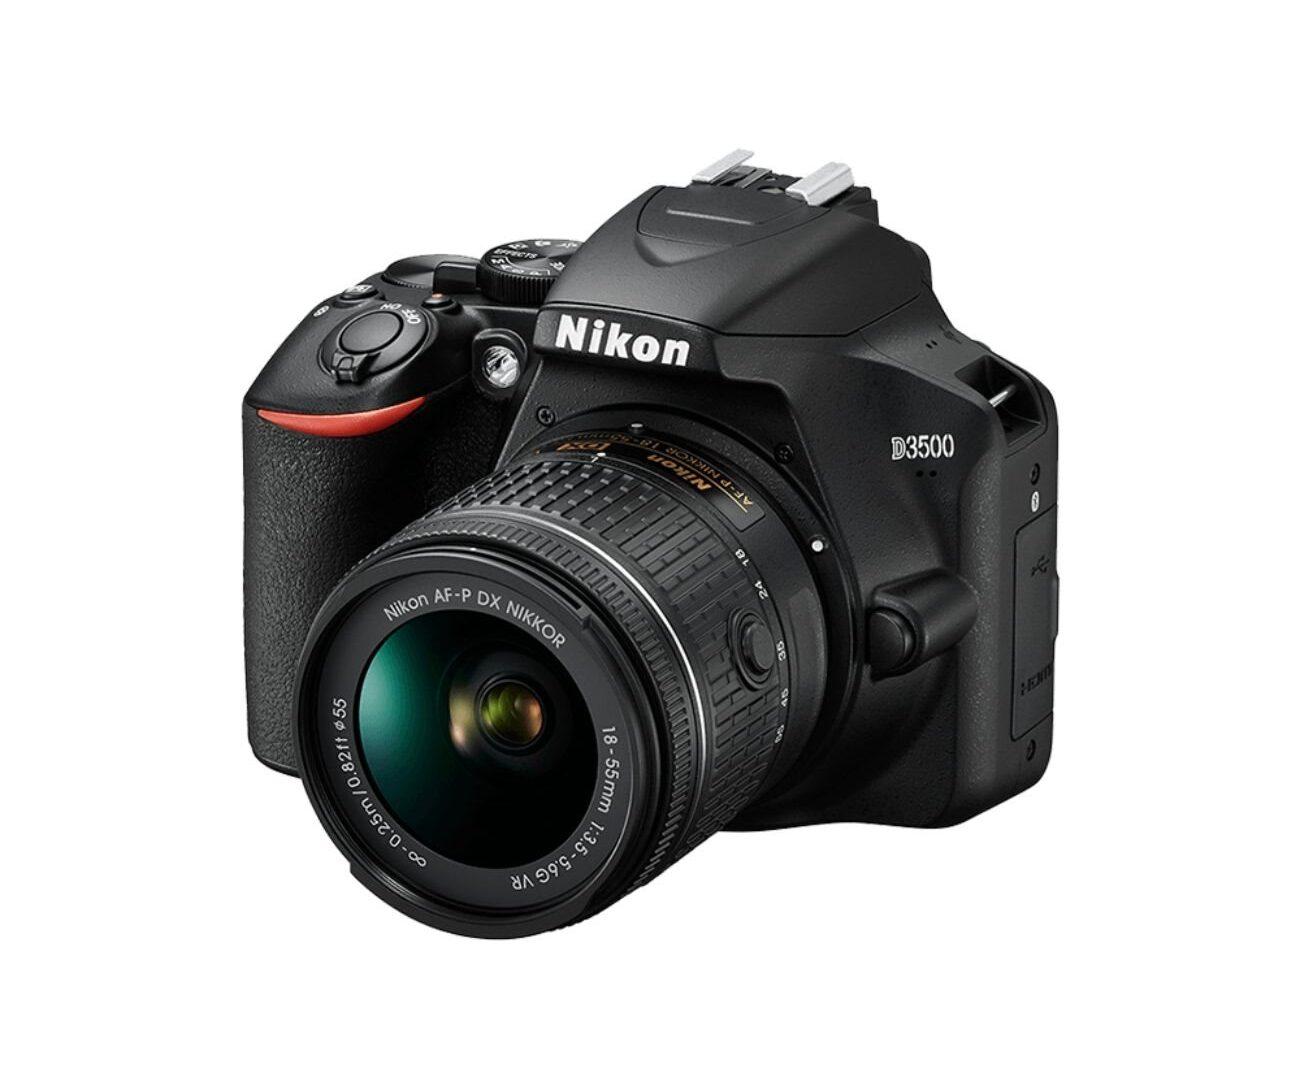 yeni-baslayanlar-icin-fotograf-makinesi-onerileri-1